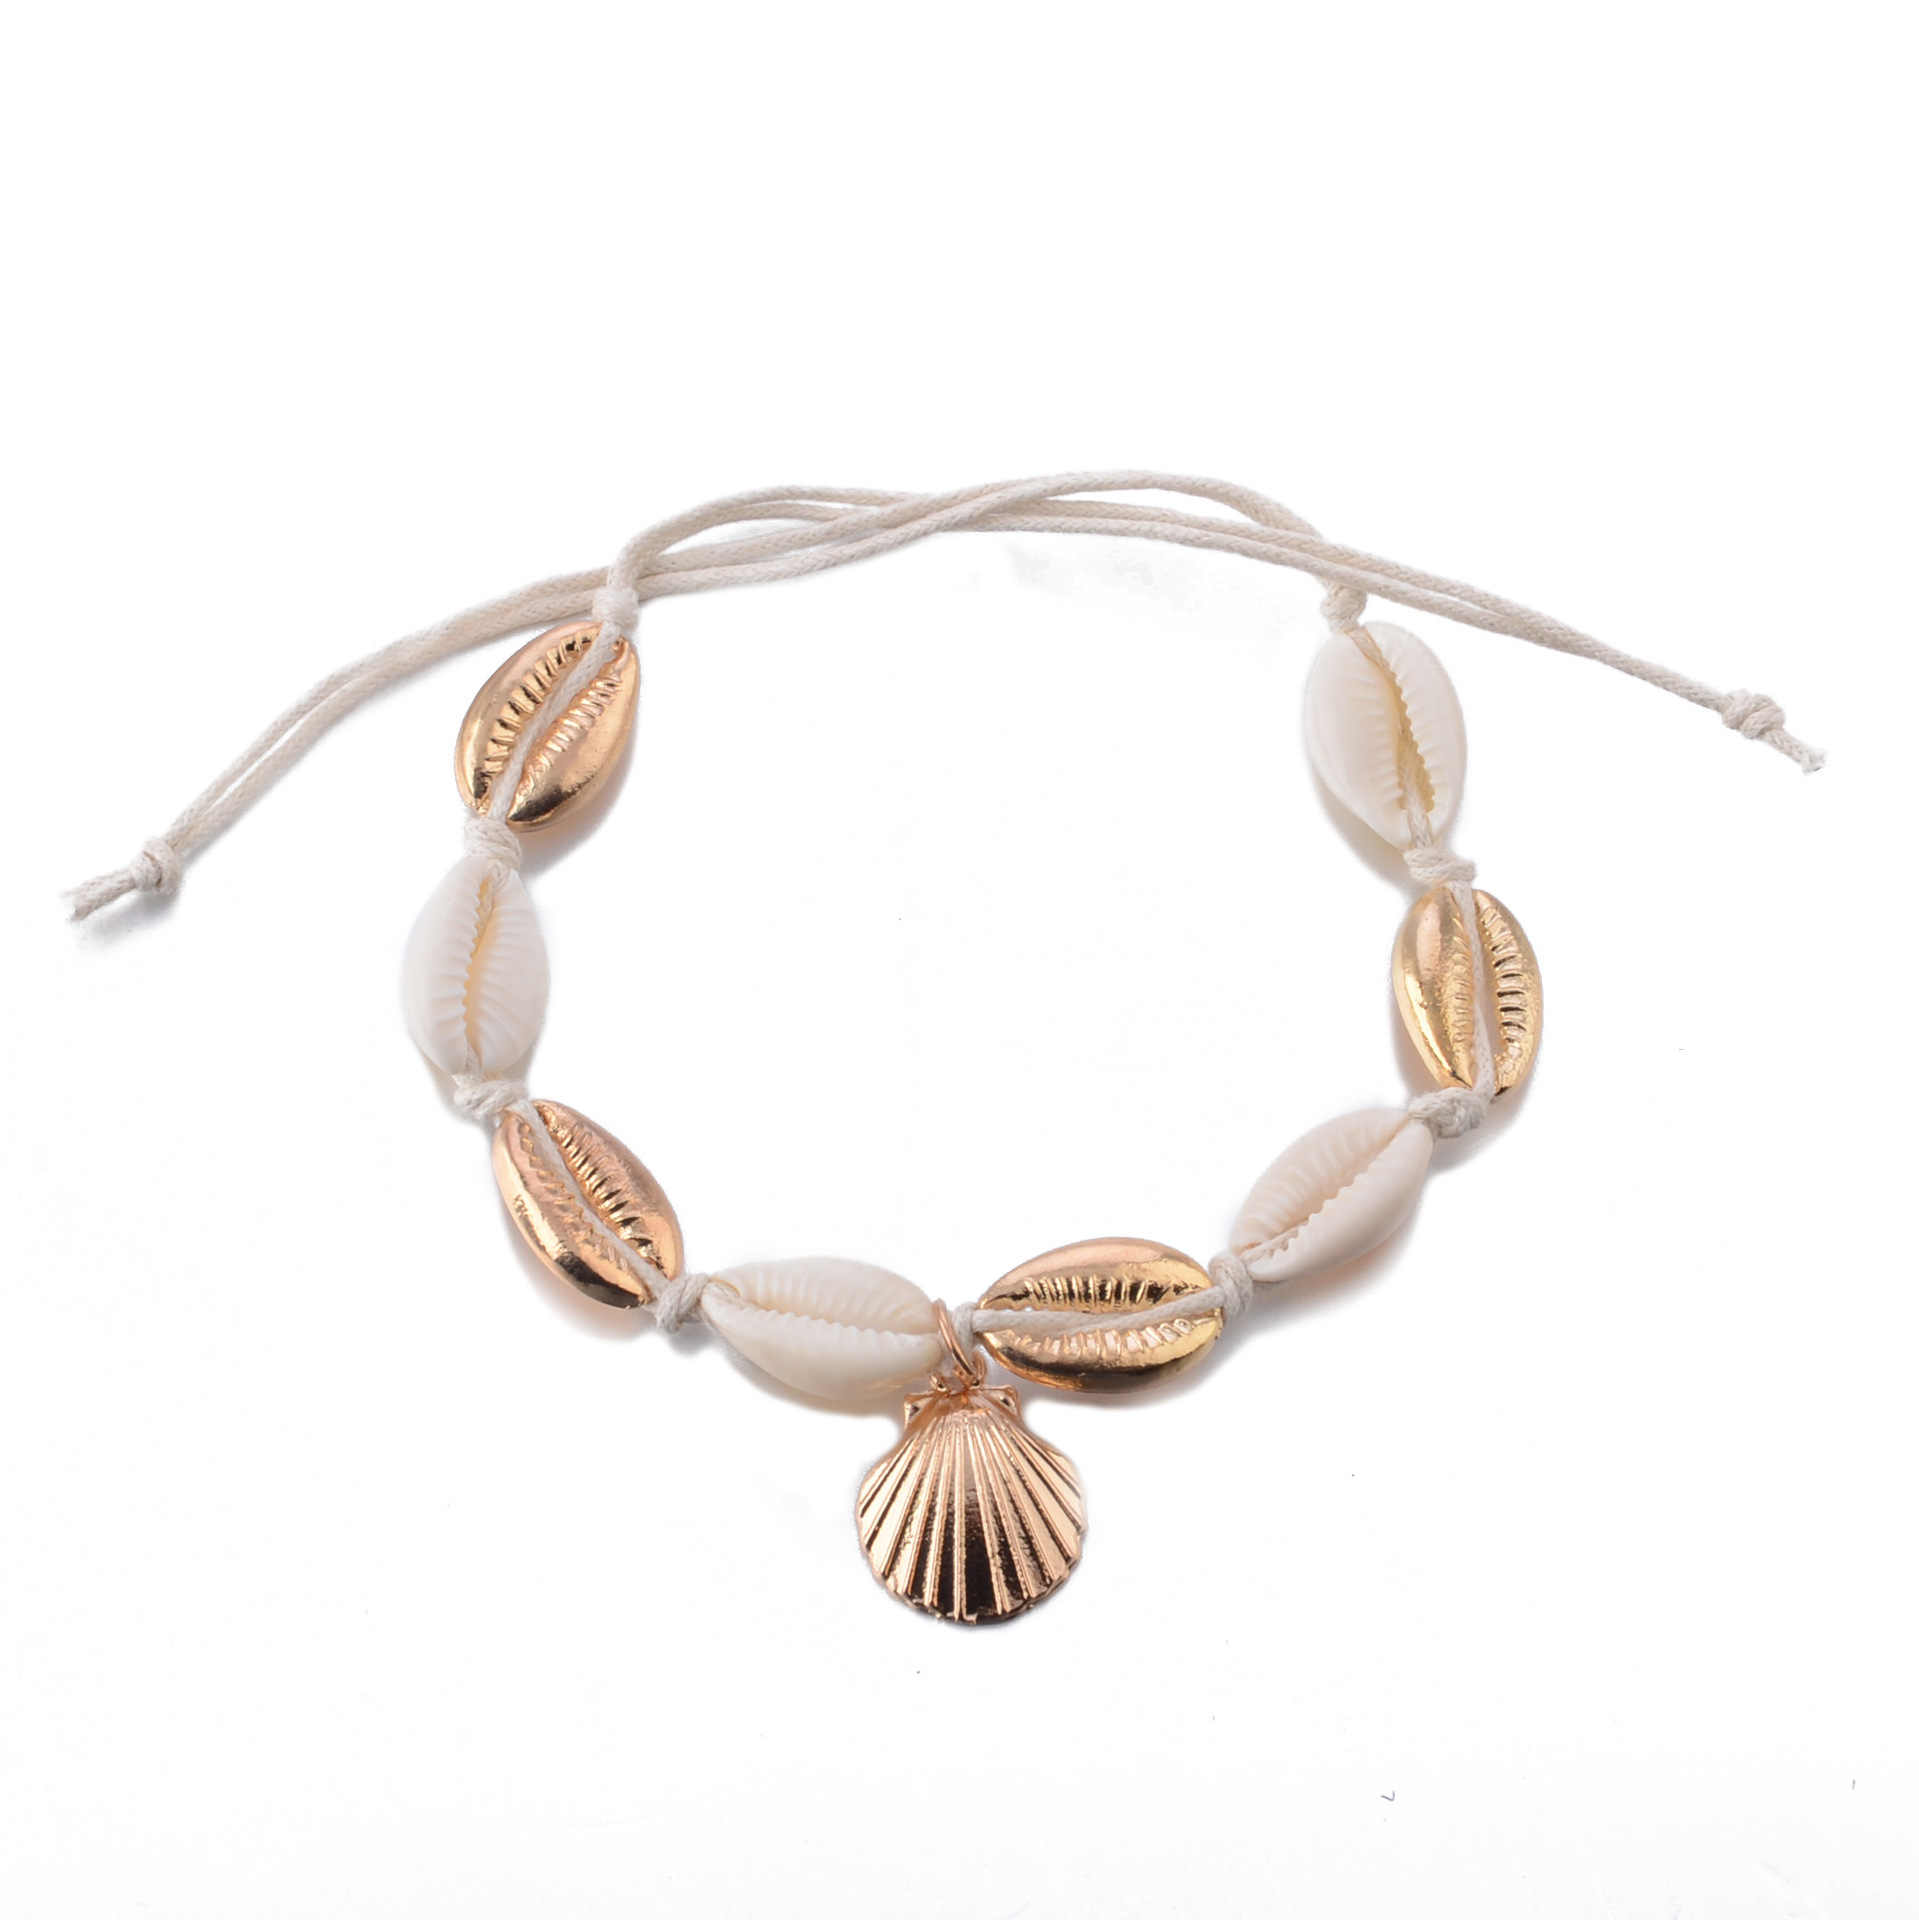 Obrączki dla kobiet powłoki Foot biżuteria lato plaża Barefoot bransoletka kostki na nogi kostki pasek czeski akcesoria drop shipping